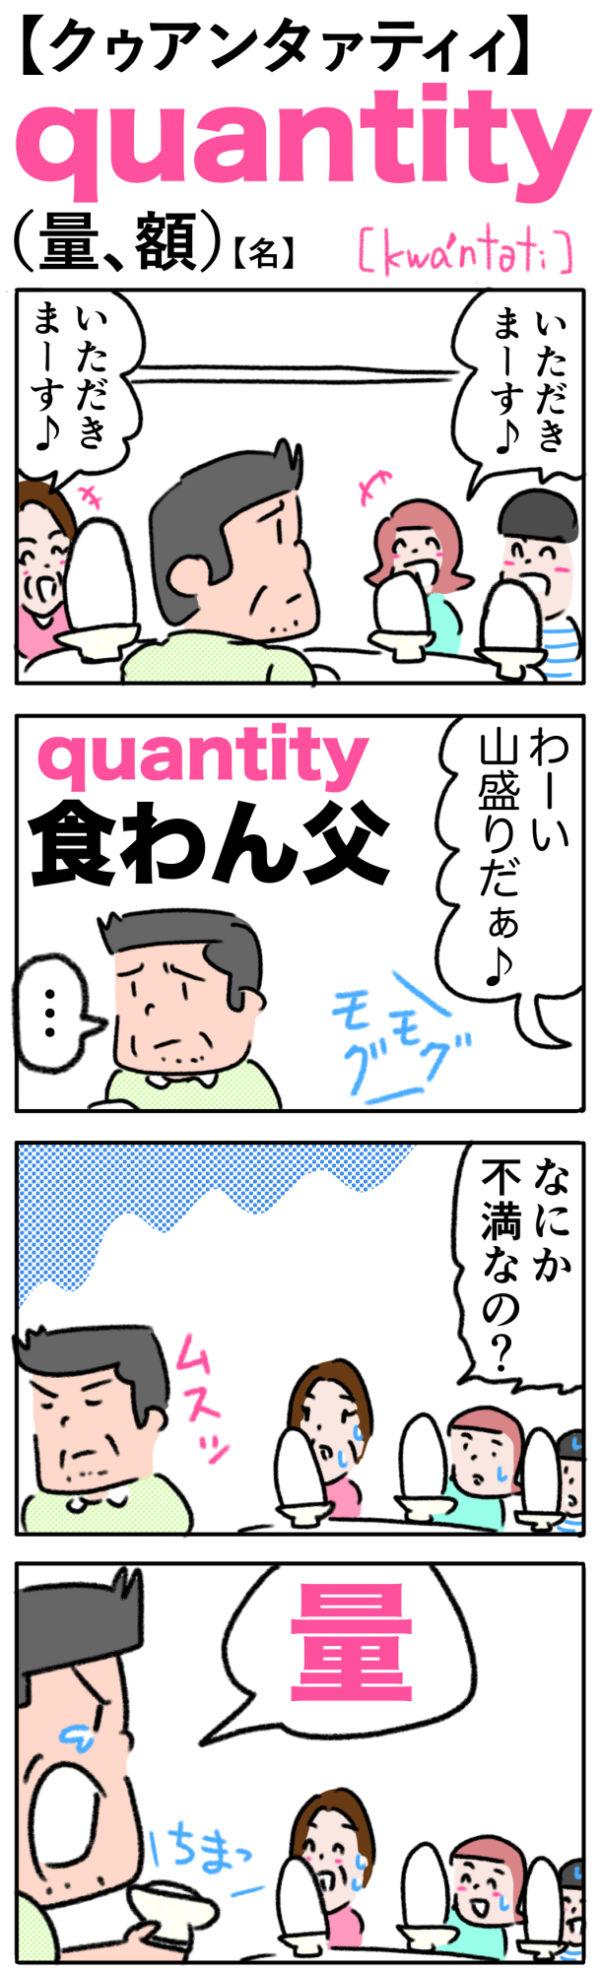 quantitiy(量、額)の語呂合わせ英単語